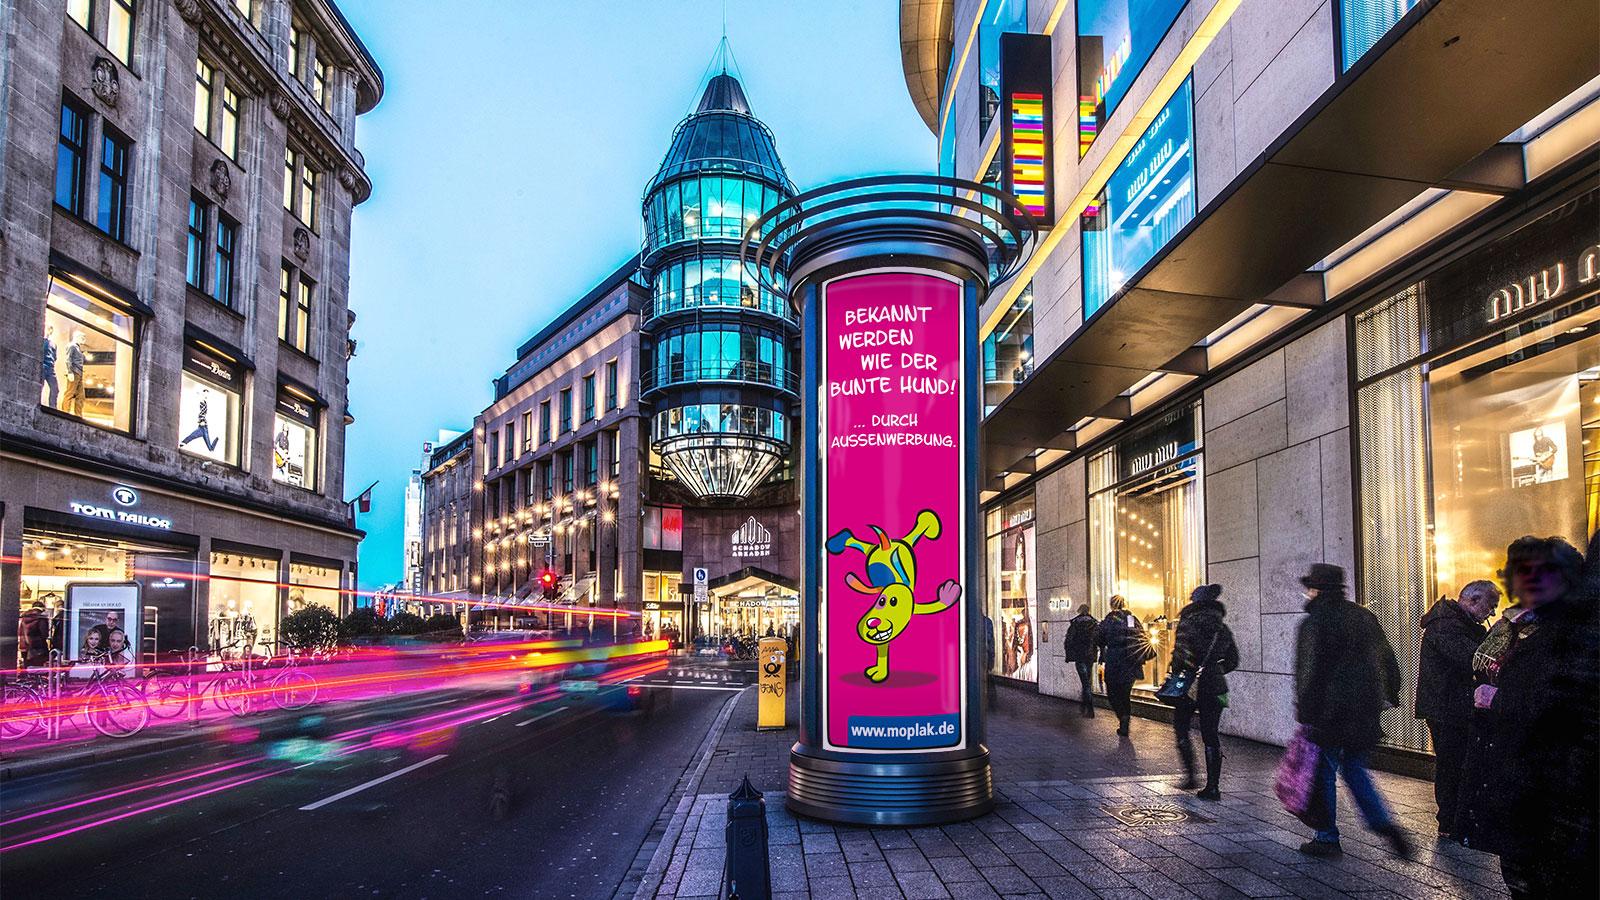 Ingolstadt-Aussenwerbung-Litfasssaeule-Werbung